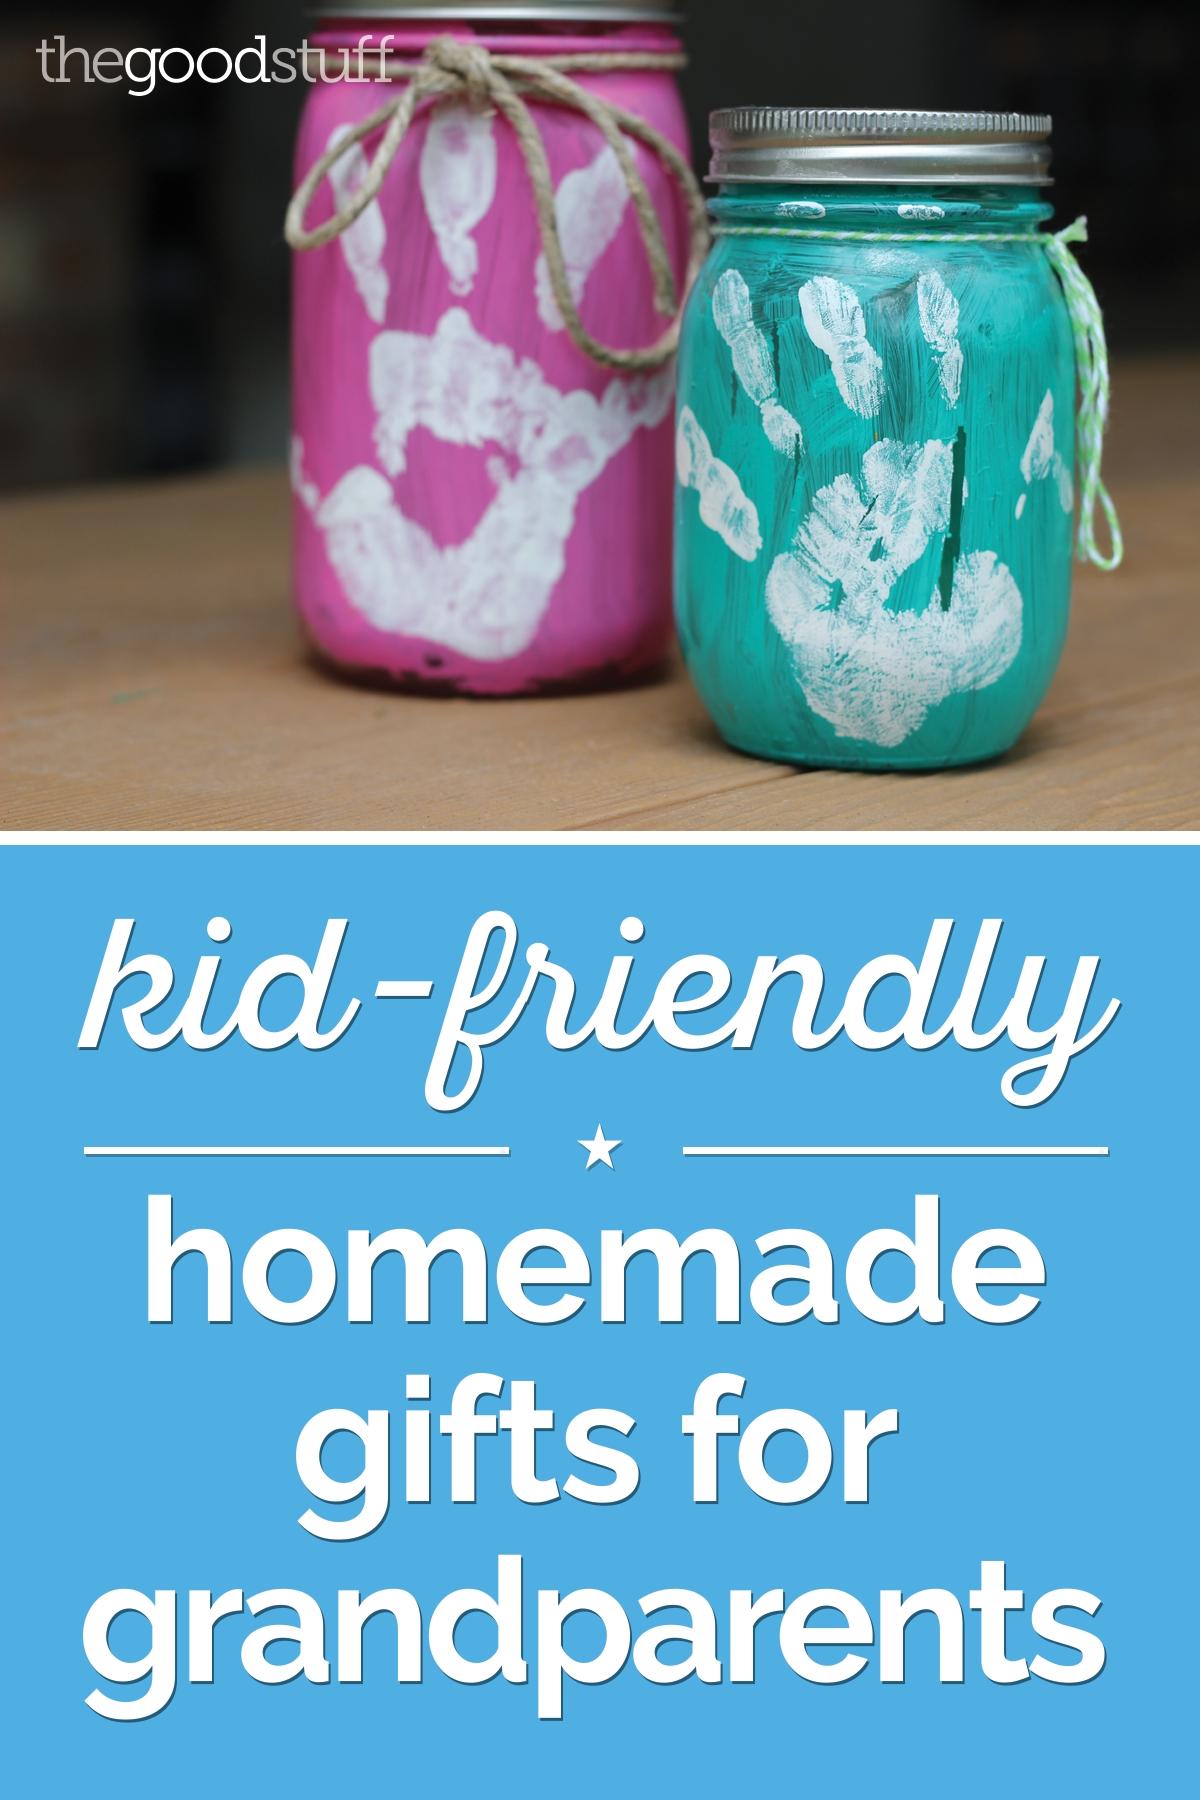 10 Trendy Homemade Gift Ideas For Grandparents kid friendly homemade gifts for grandparents grandparents